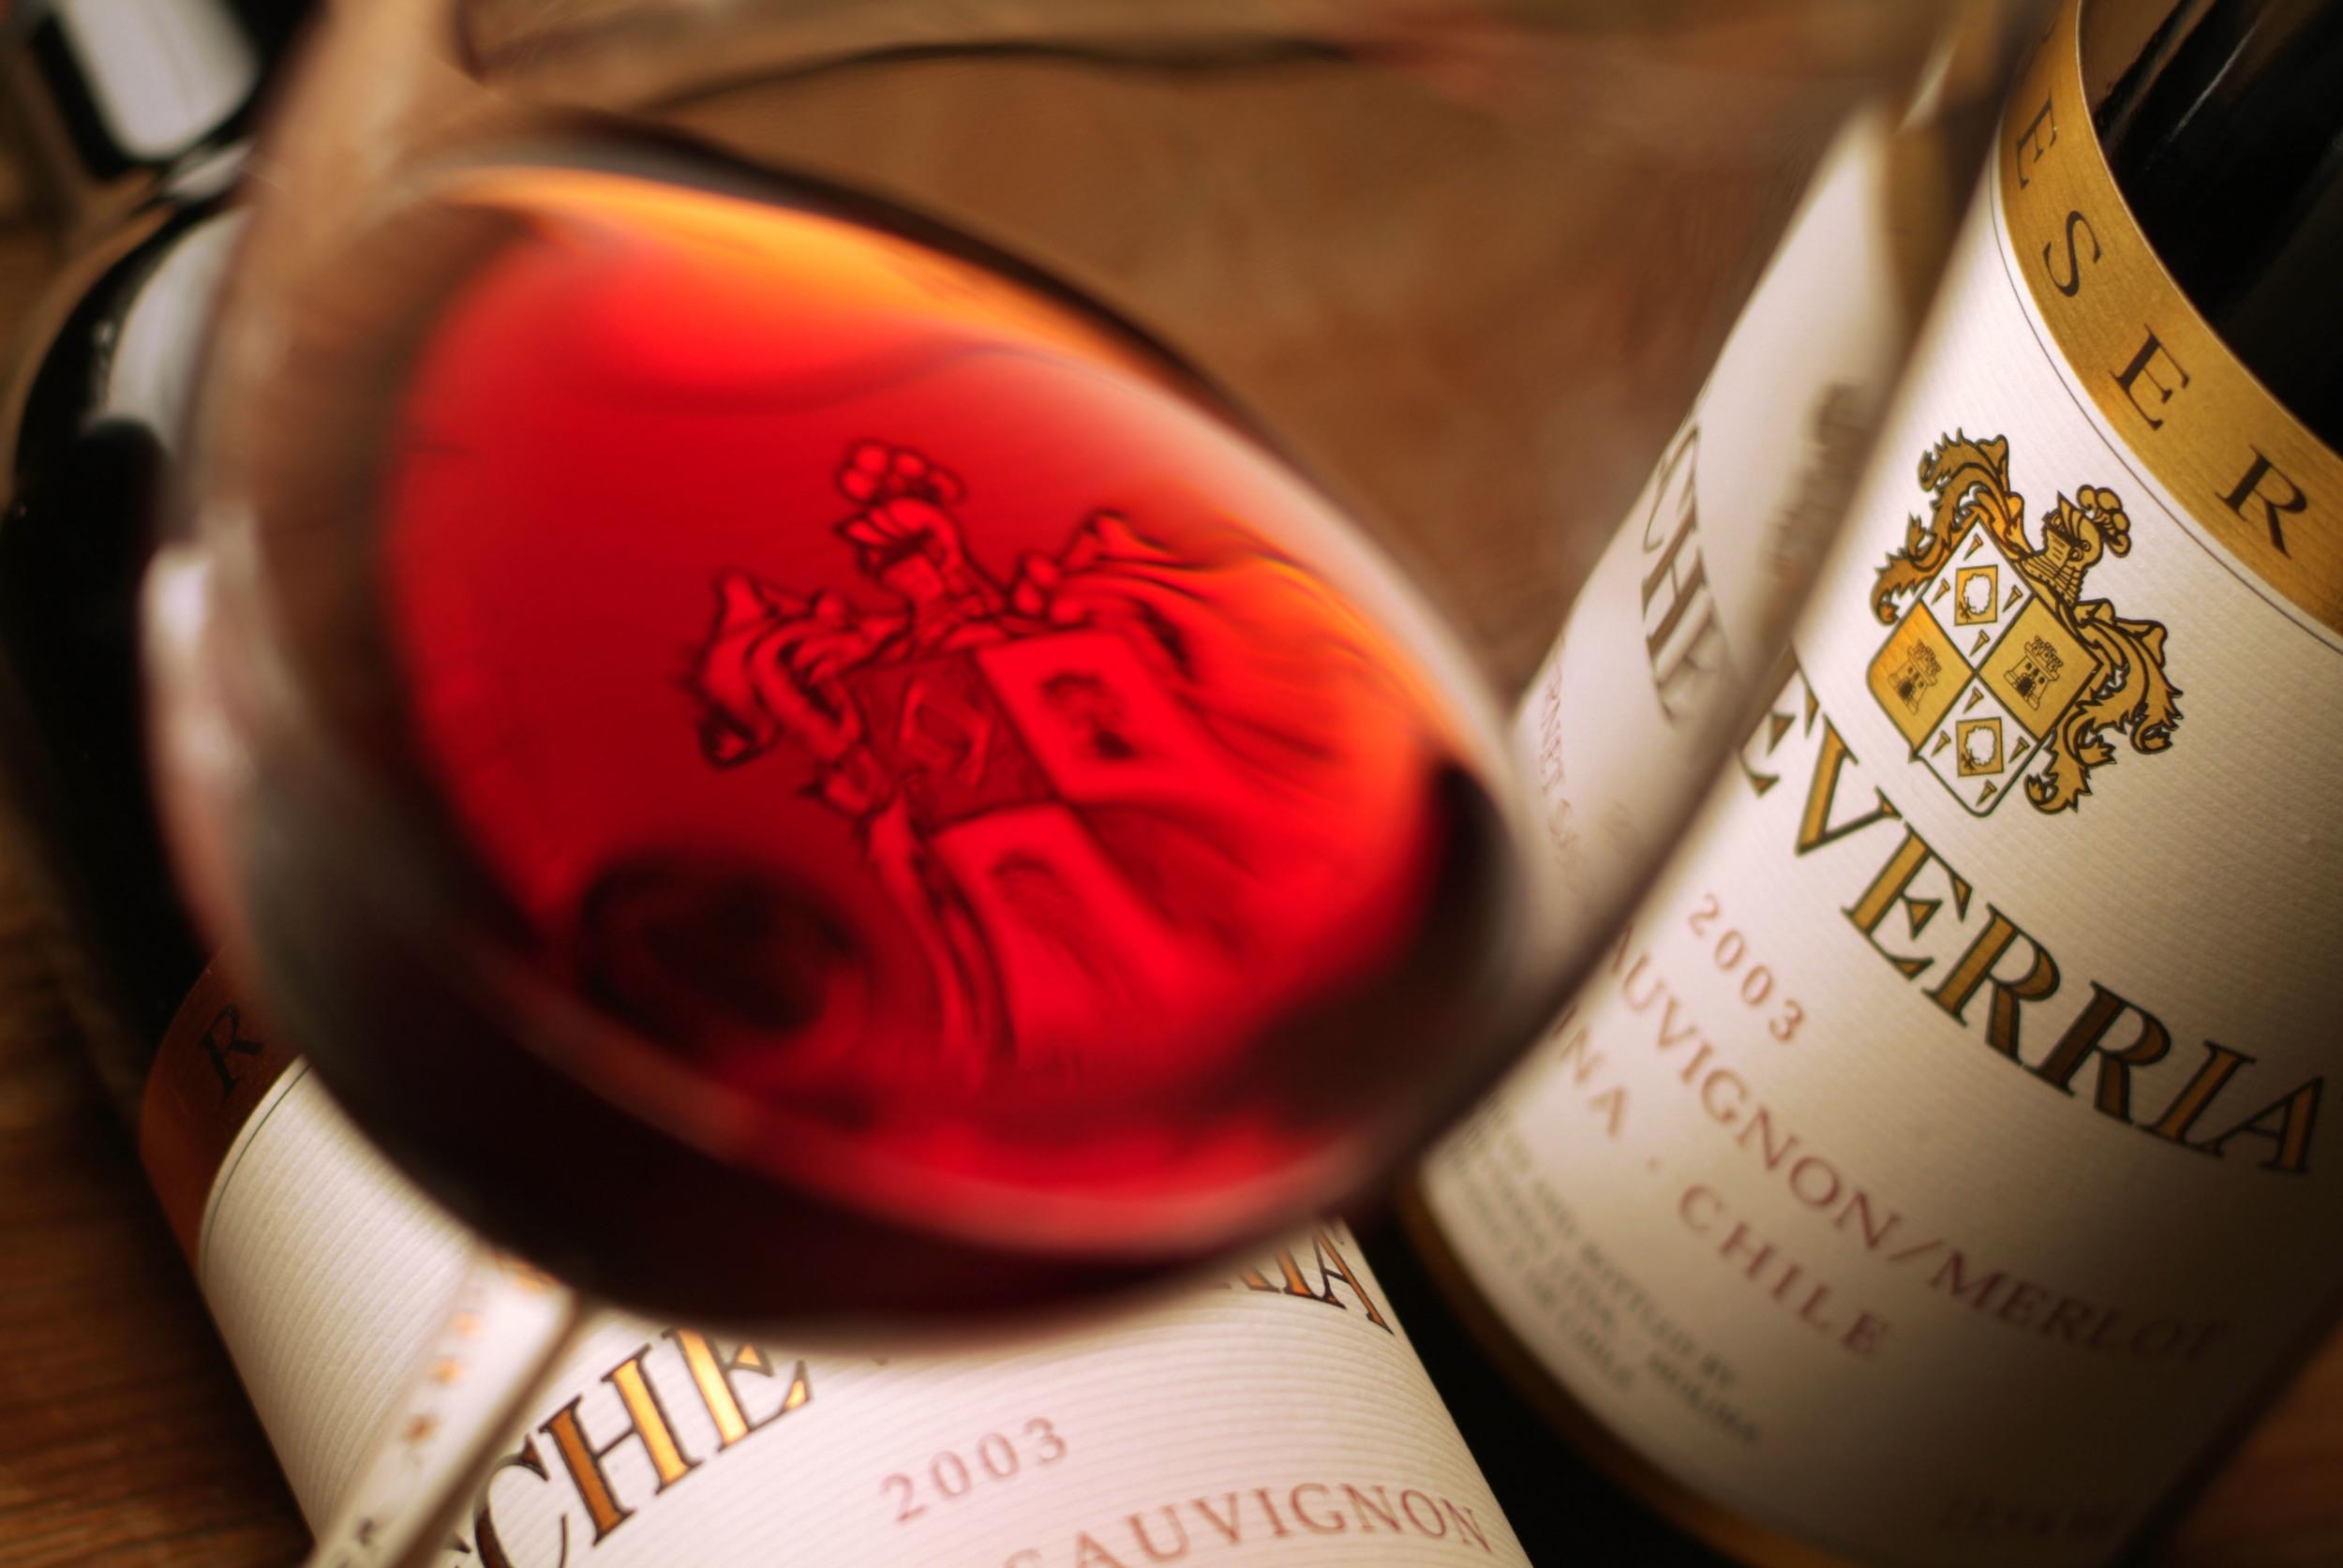 En vinos tintos Echeverría producemerlot, carménère, cabernet sauvignon, cabernet franc, pinot noir y syrah.